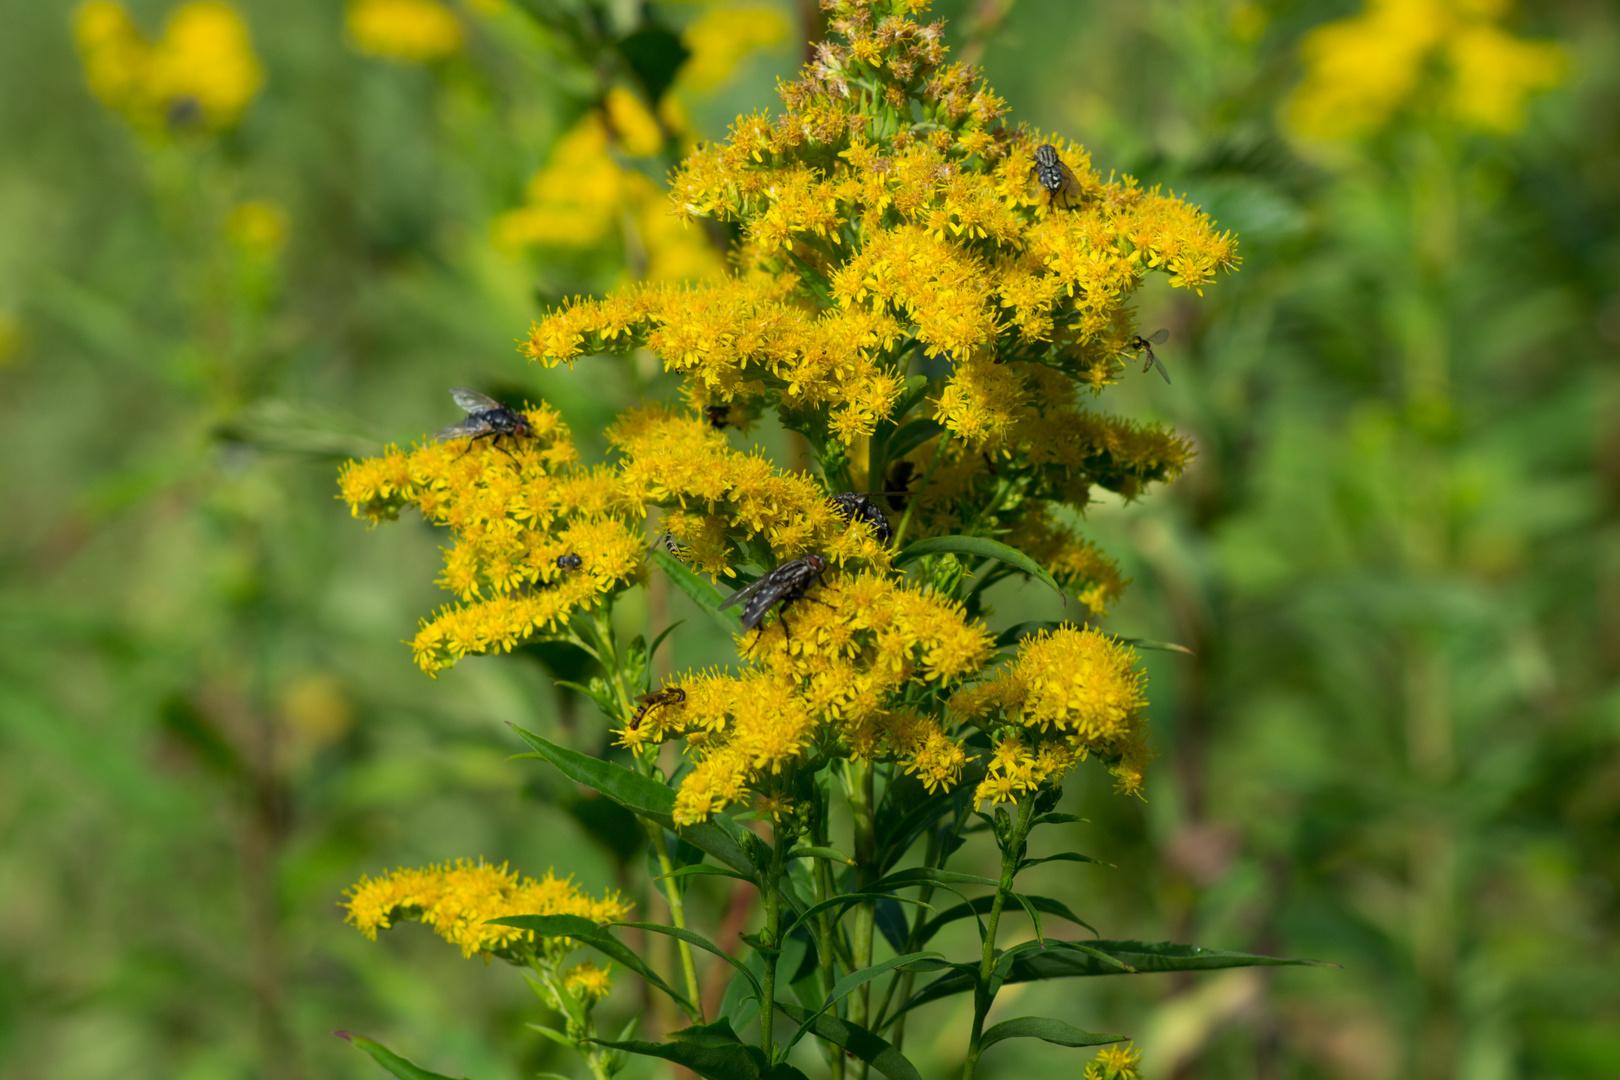 fleißige Bienchen Äh... Fliegchen